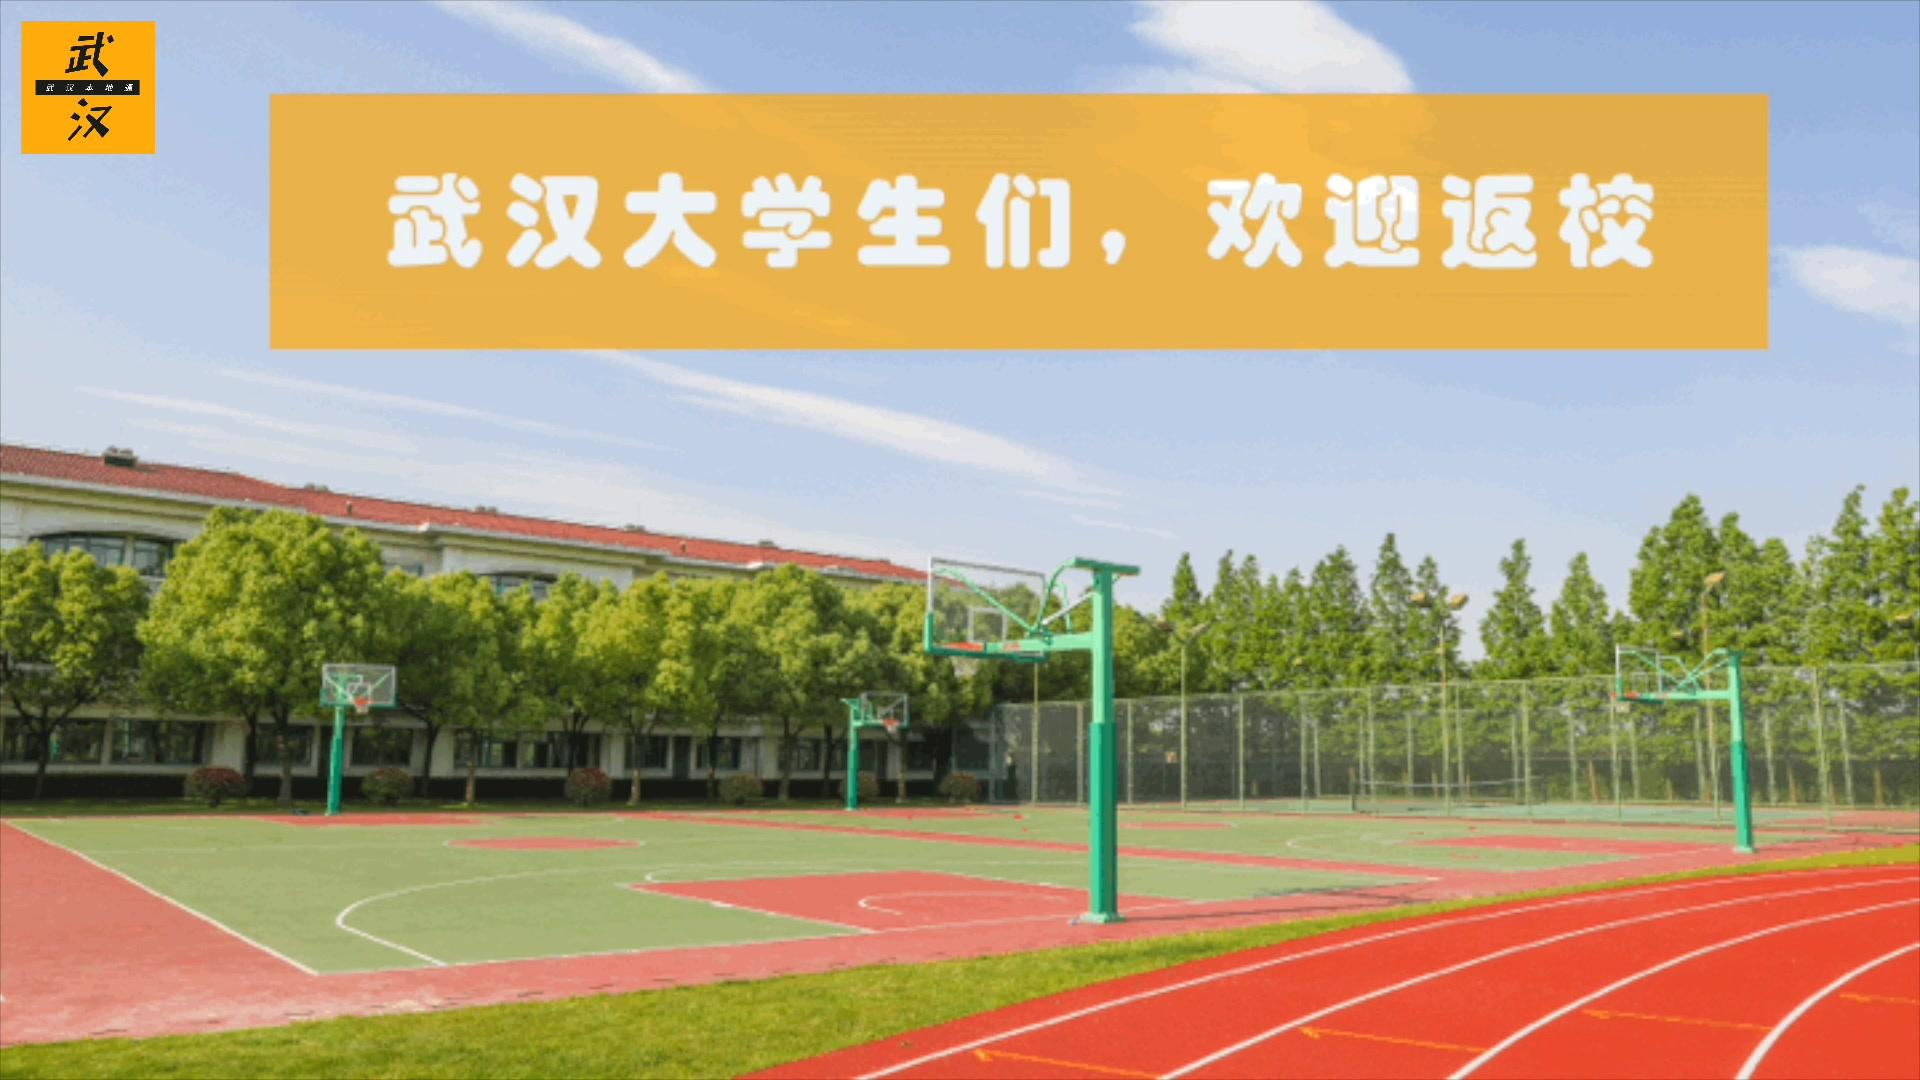 武汉大学生返校时间定了,欢迎返校,大学生们